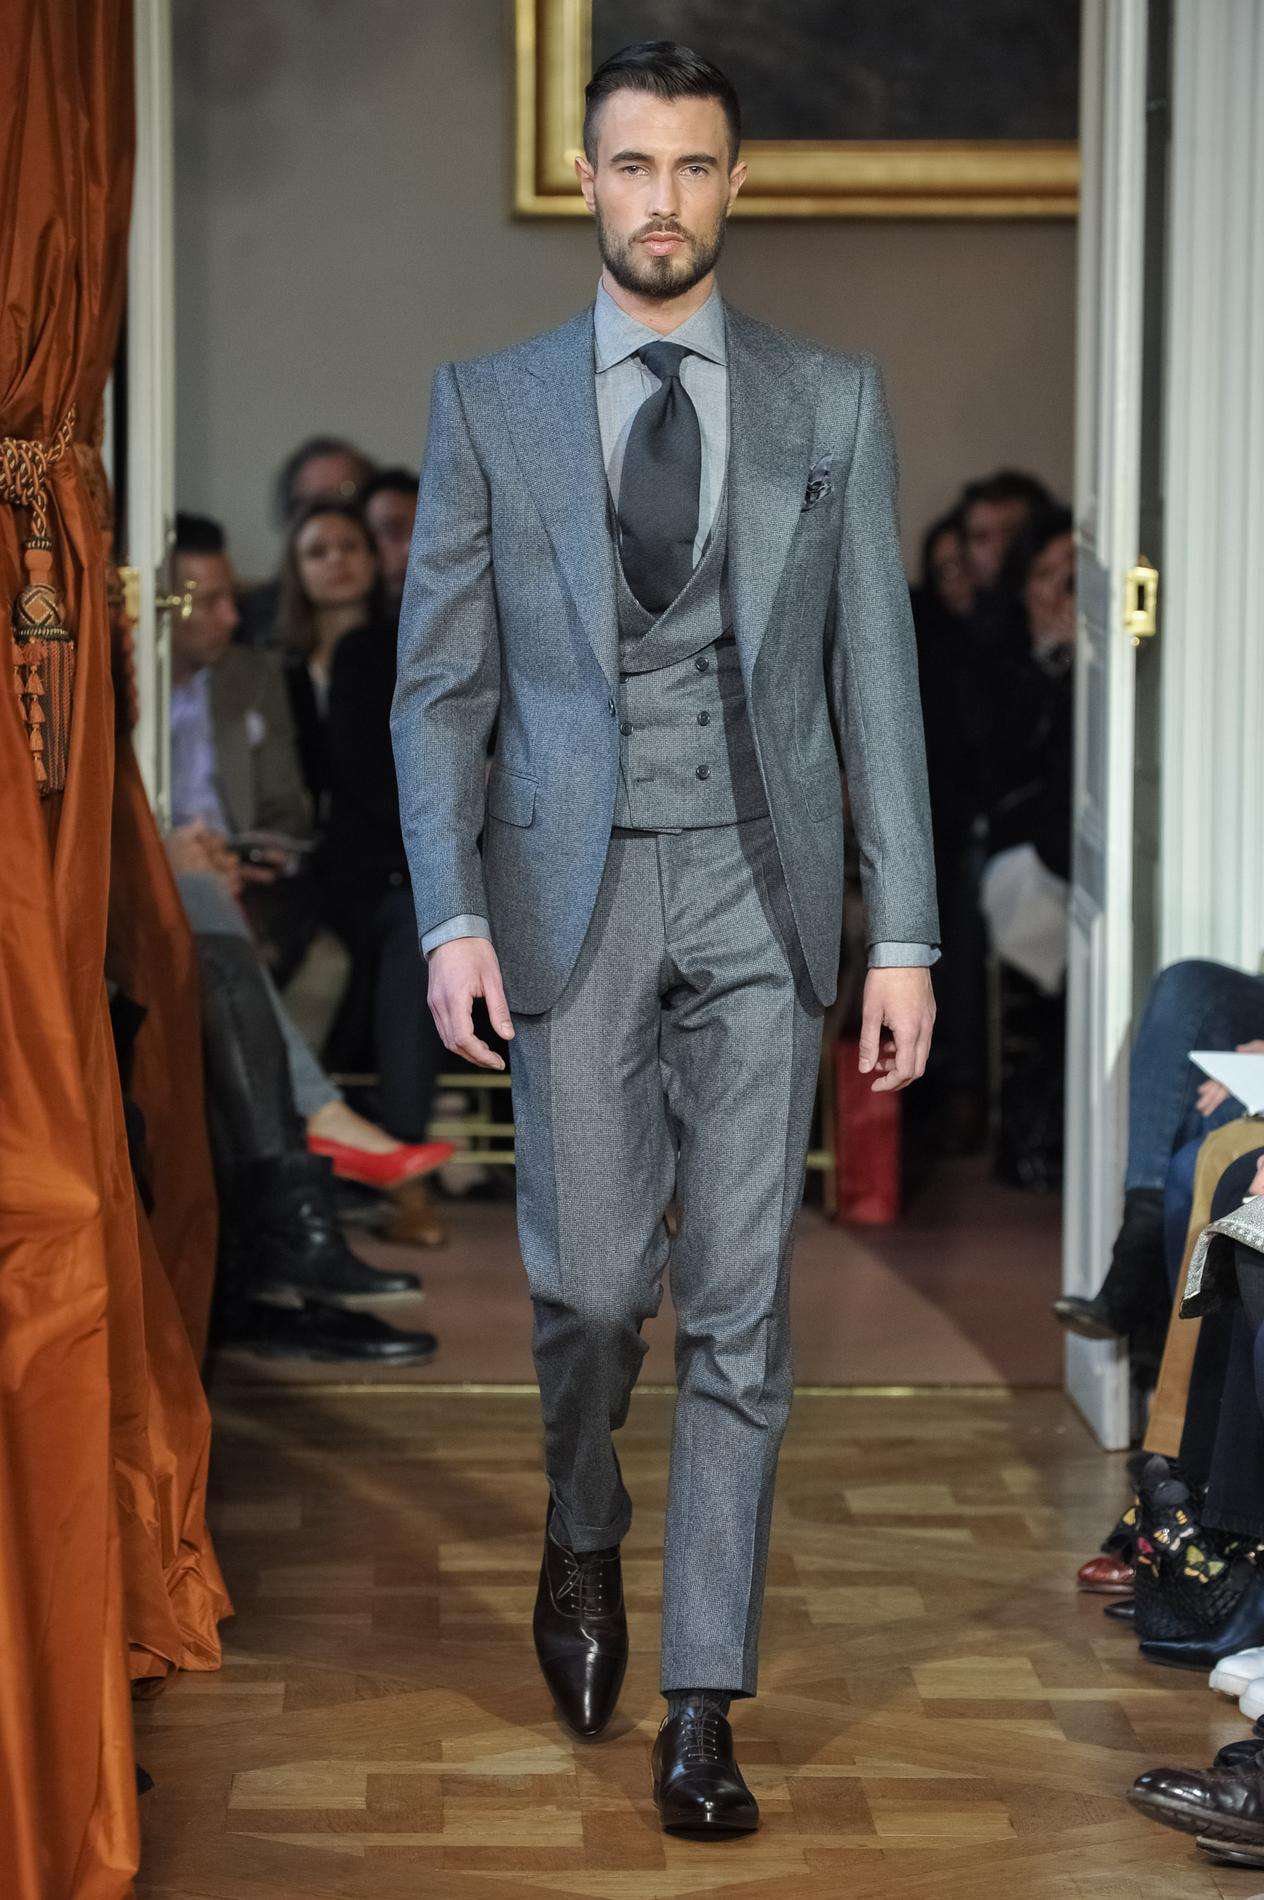 Couleurs variées mode la plus désirable france pas cher vente Le costume trois pièces revient : les conseils pour le ...